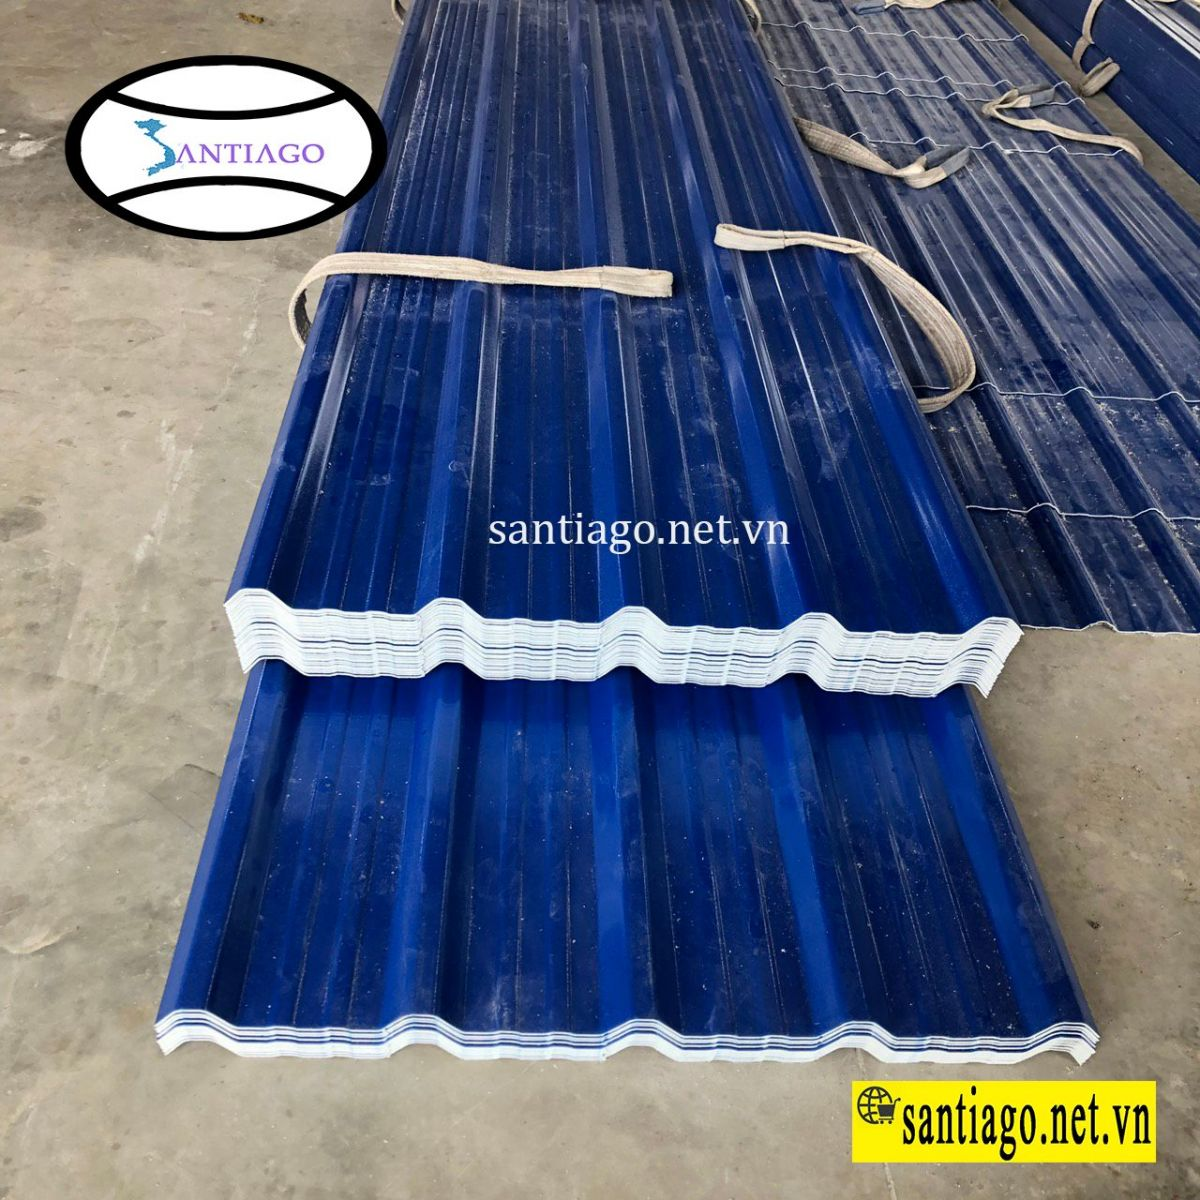 tôn nhựa 5 sóng màu xanh dương